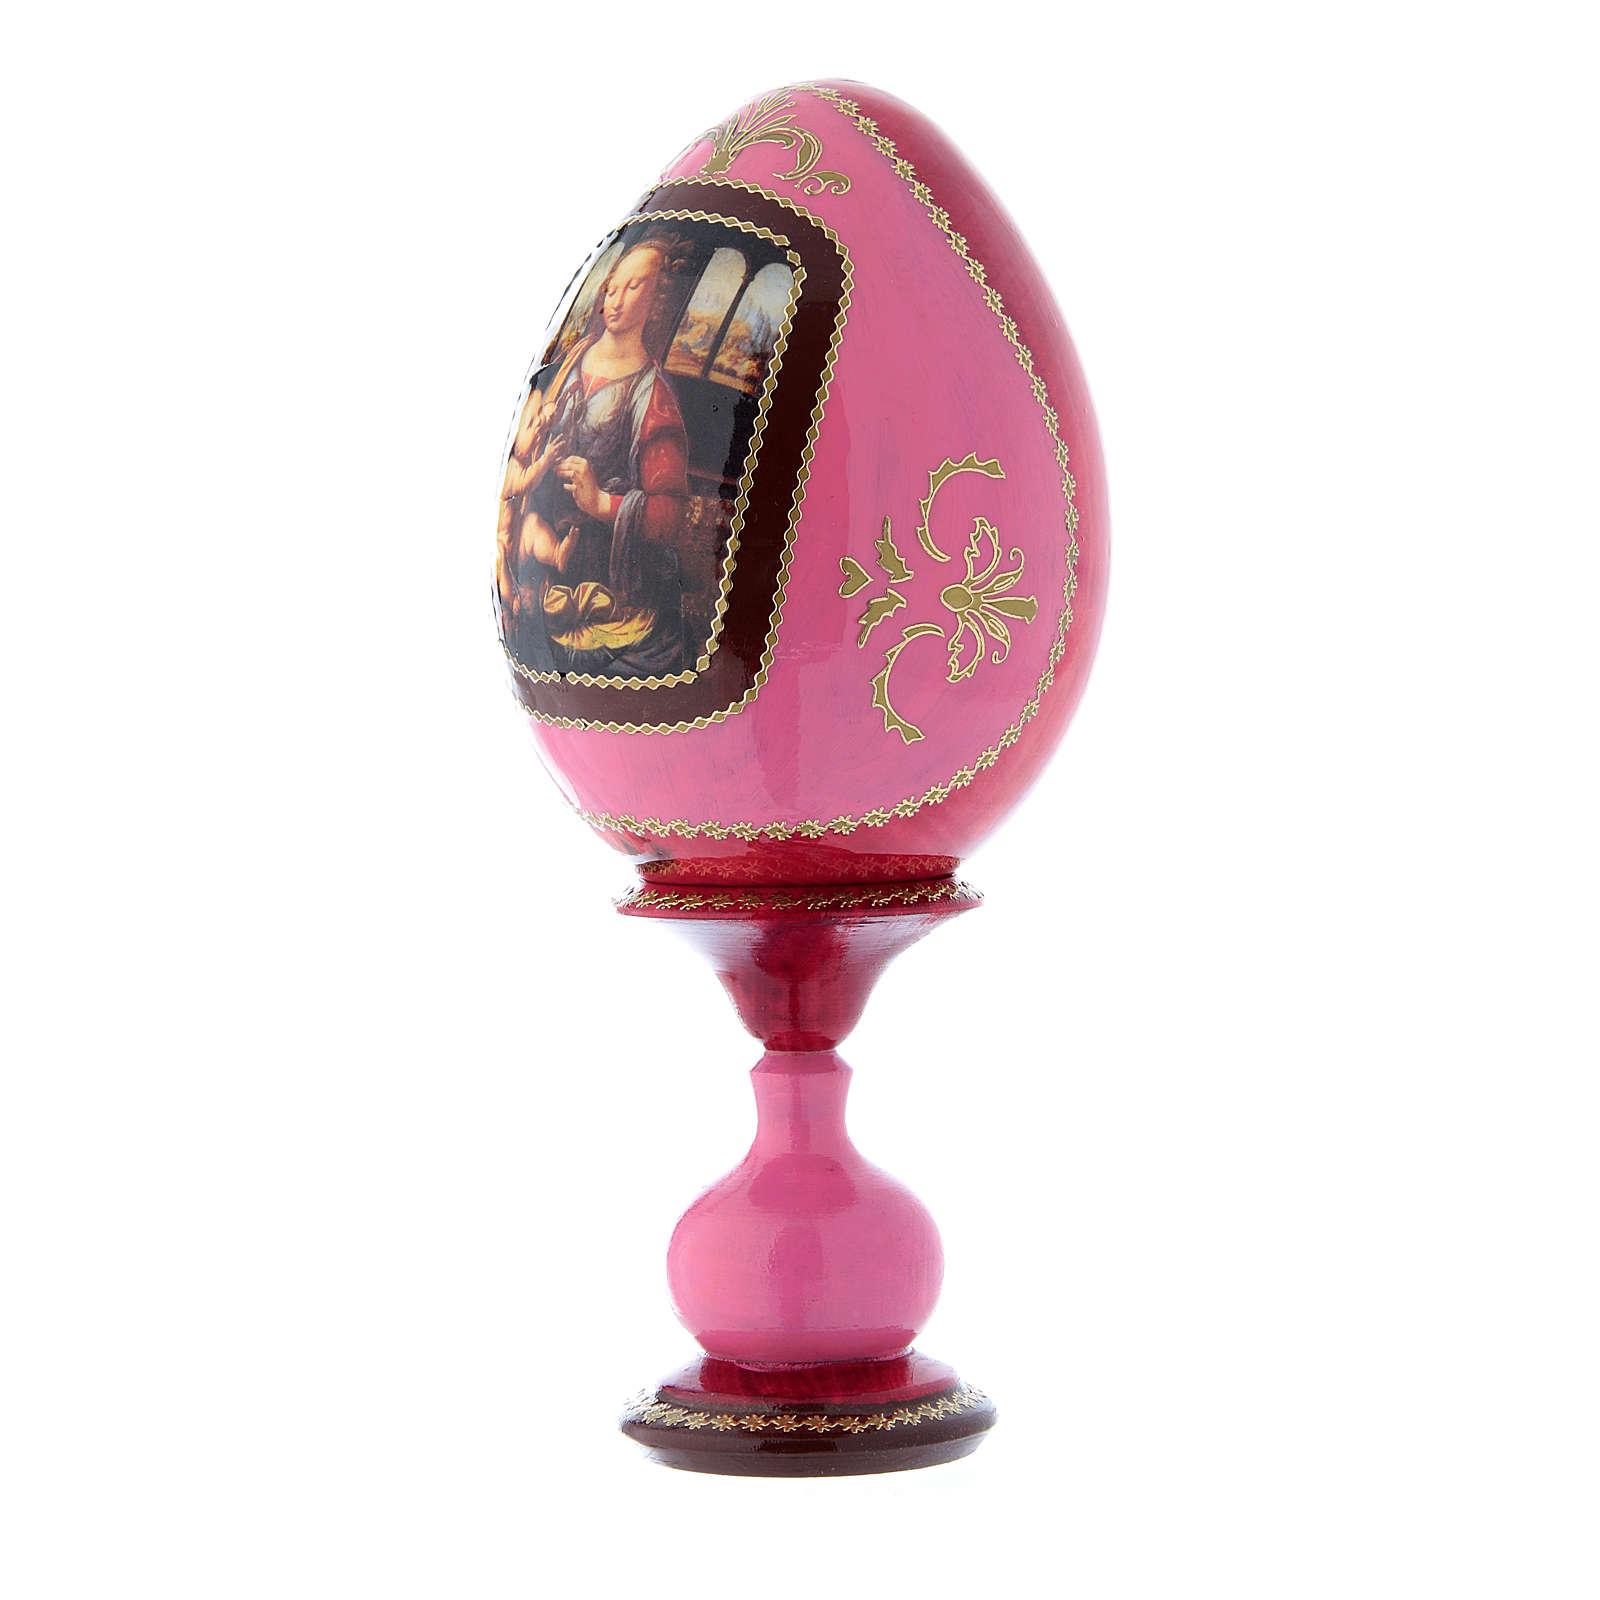 Uovo rosso icona russa La Madonna col Bambino découpage h tot 20 cm 4